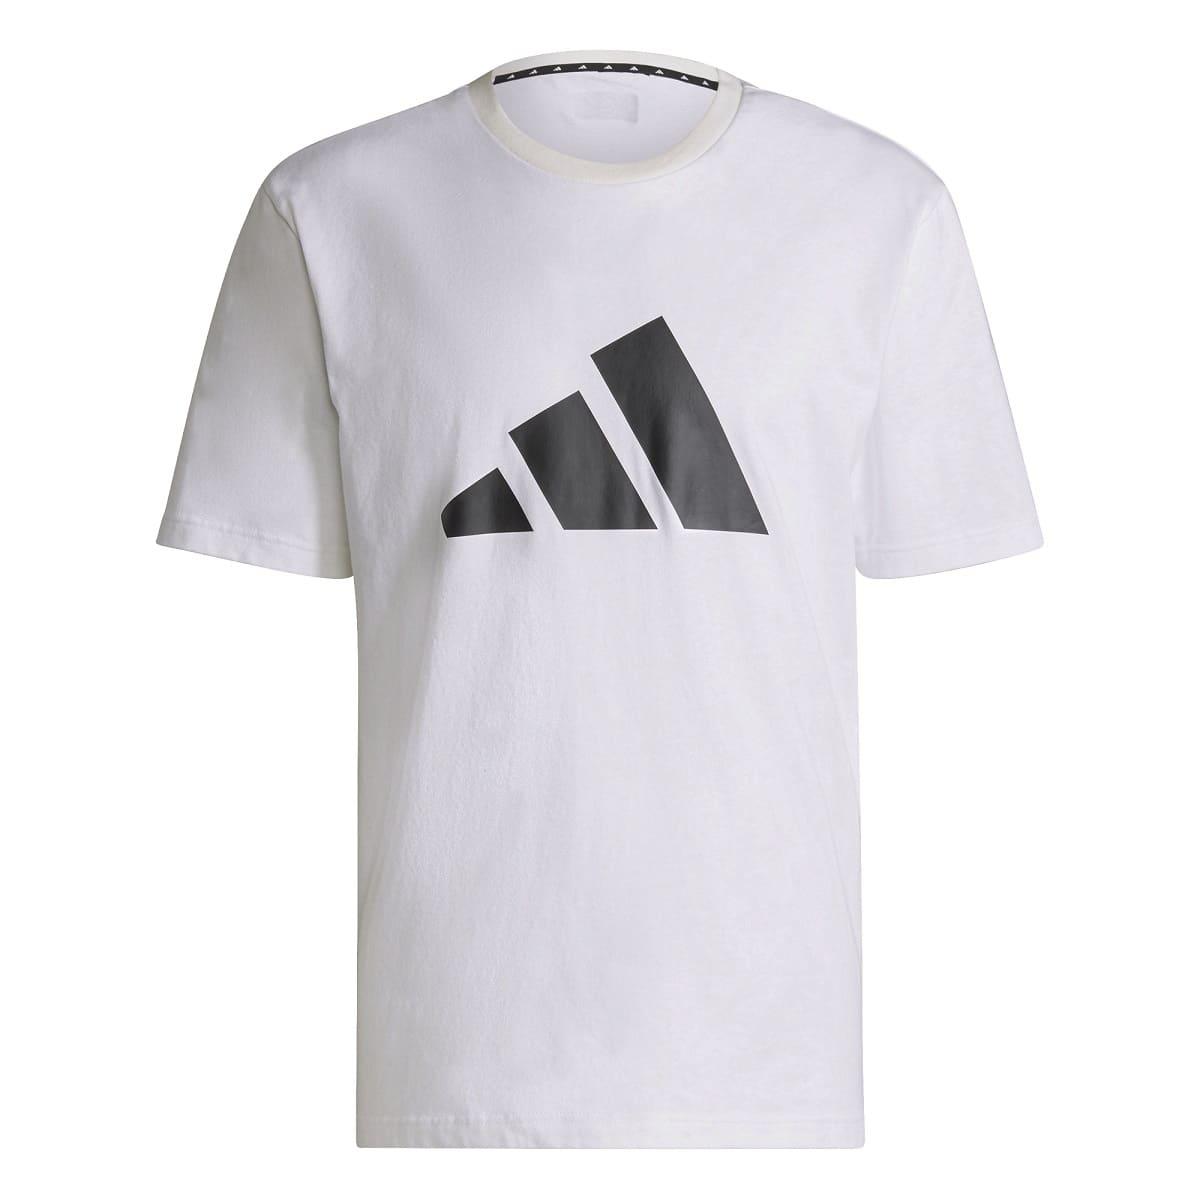 ADIDAS HERREN T-SHIRT 3BAR WHITE - S